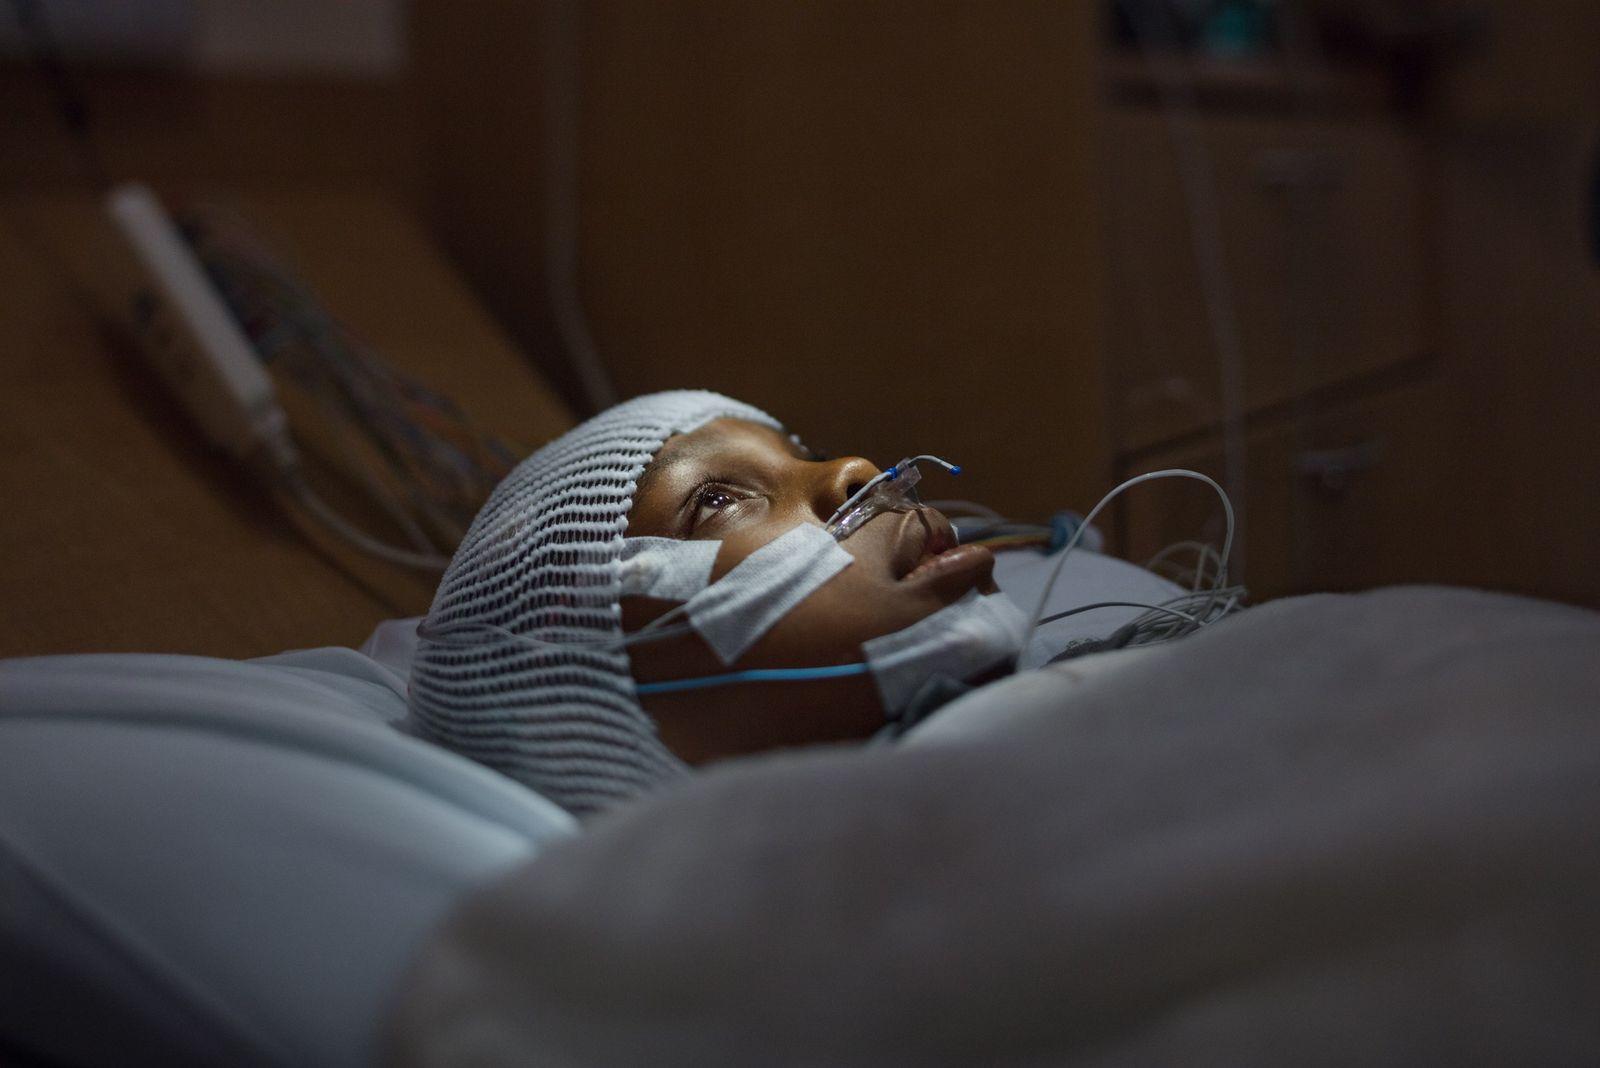 Sciences des rêves : les troubles du sommeil à l'heure de la lumière bleue